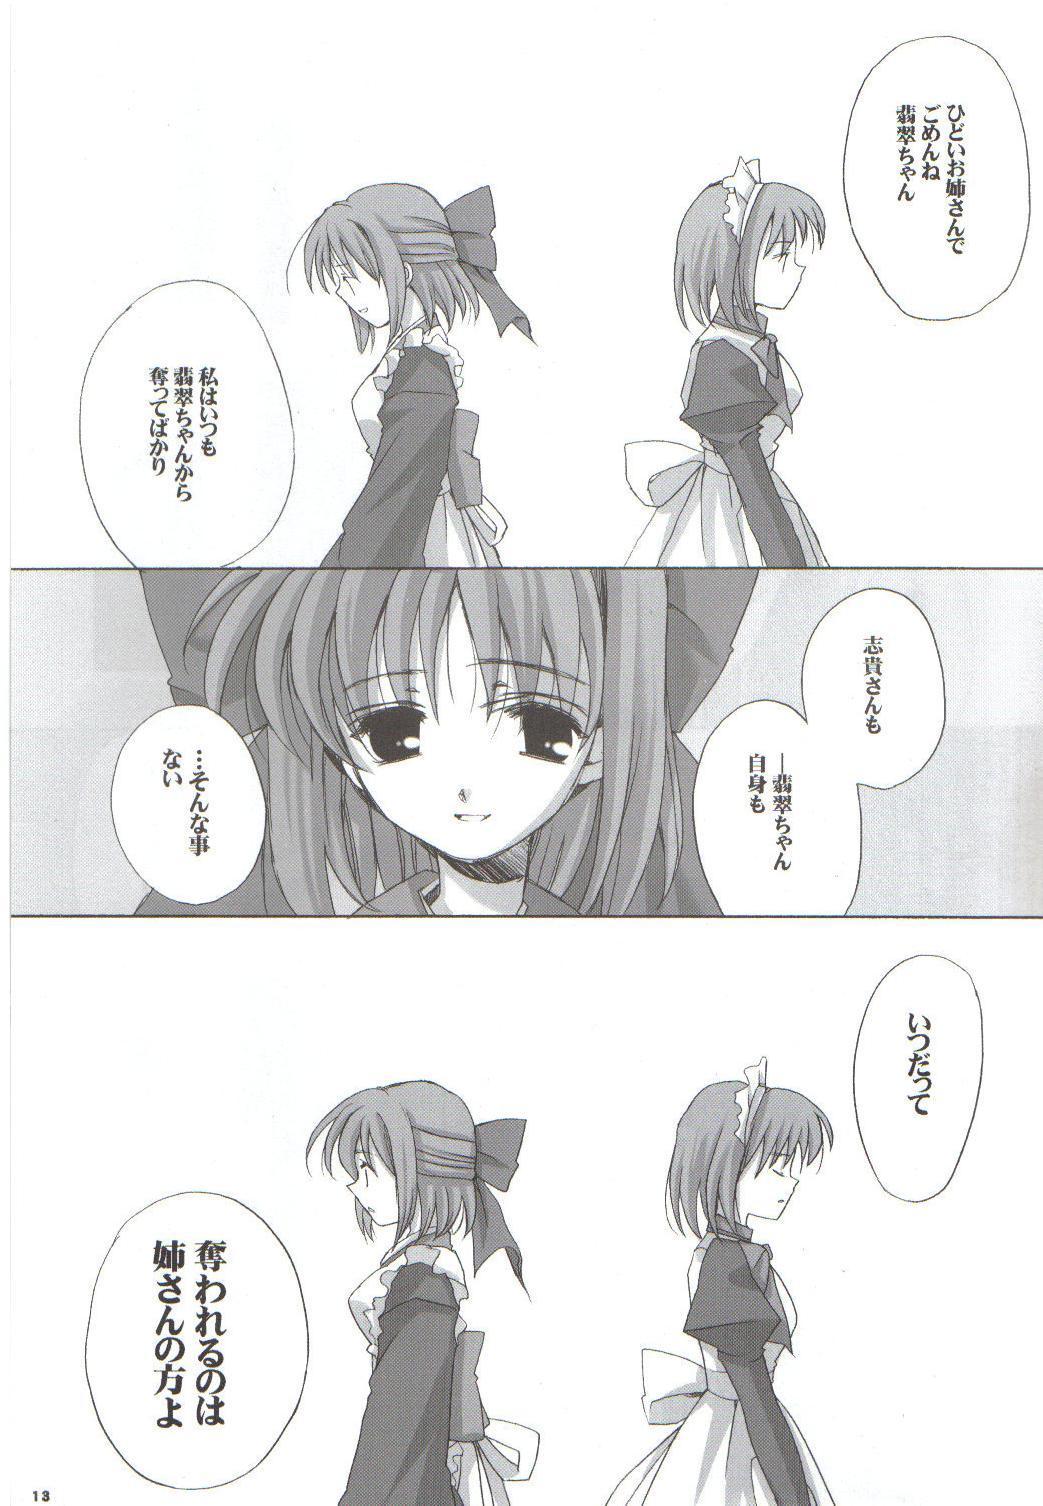 Setsugekka 11